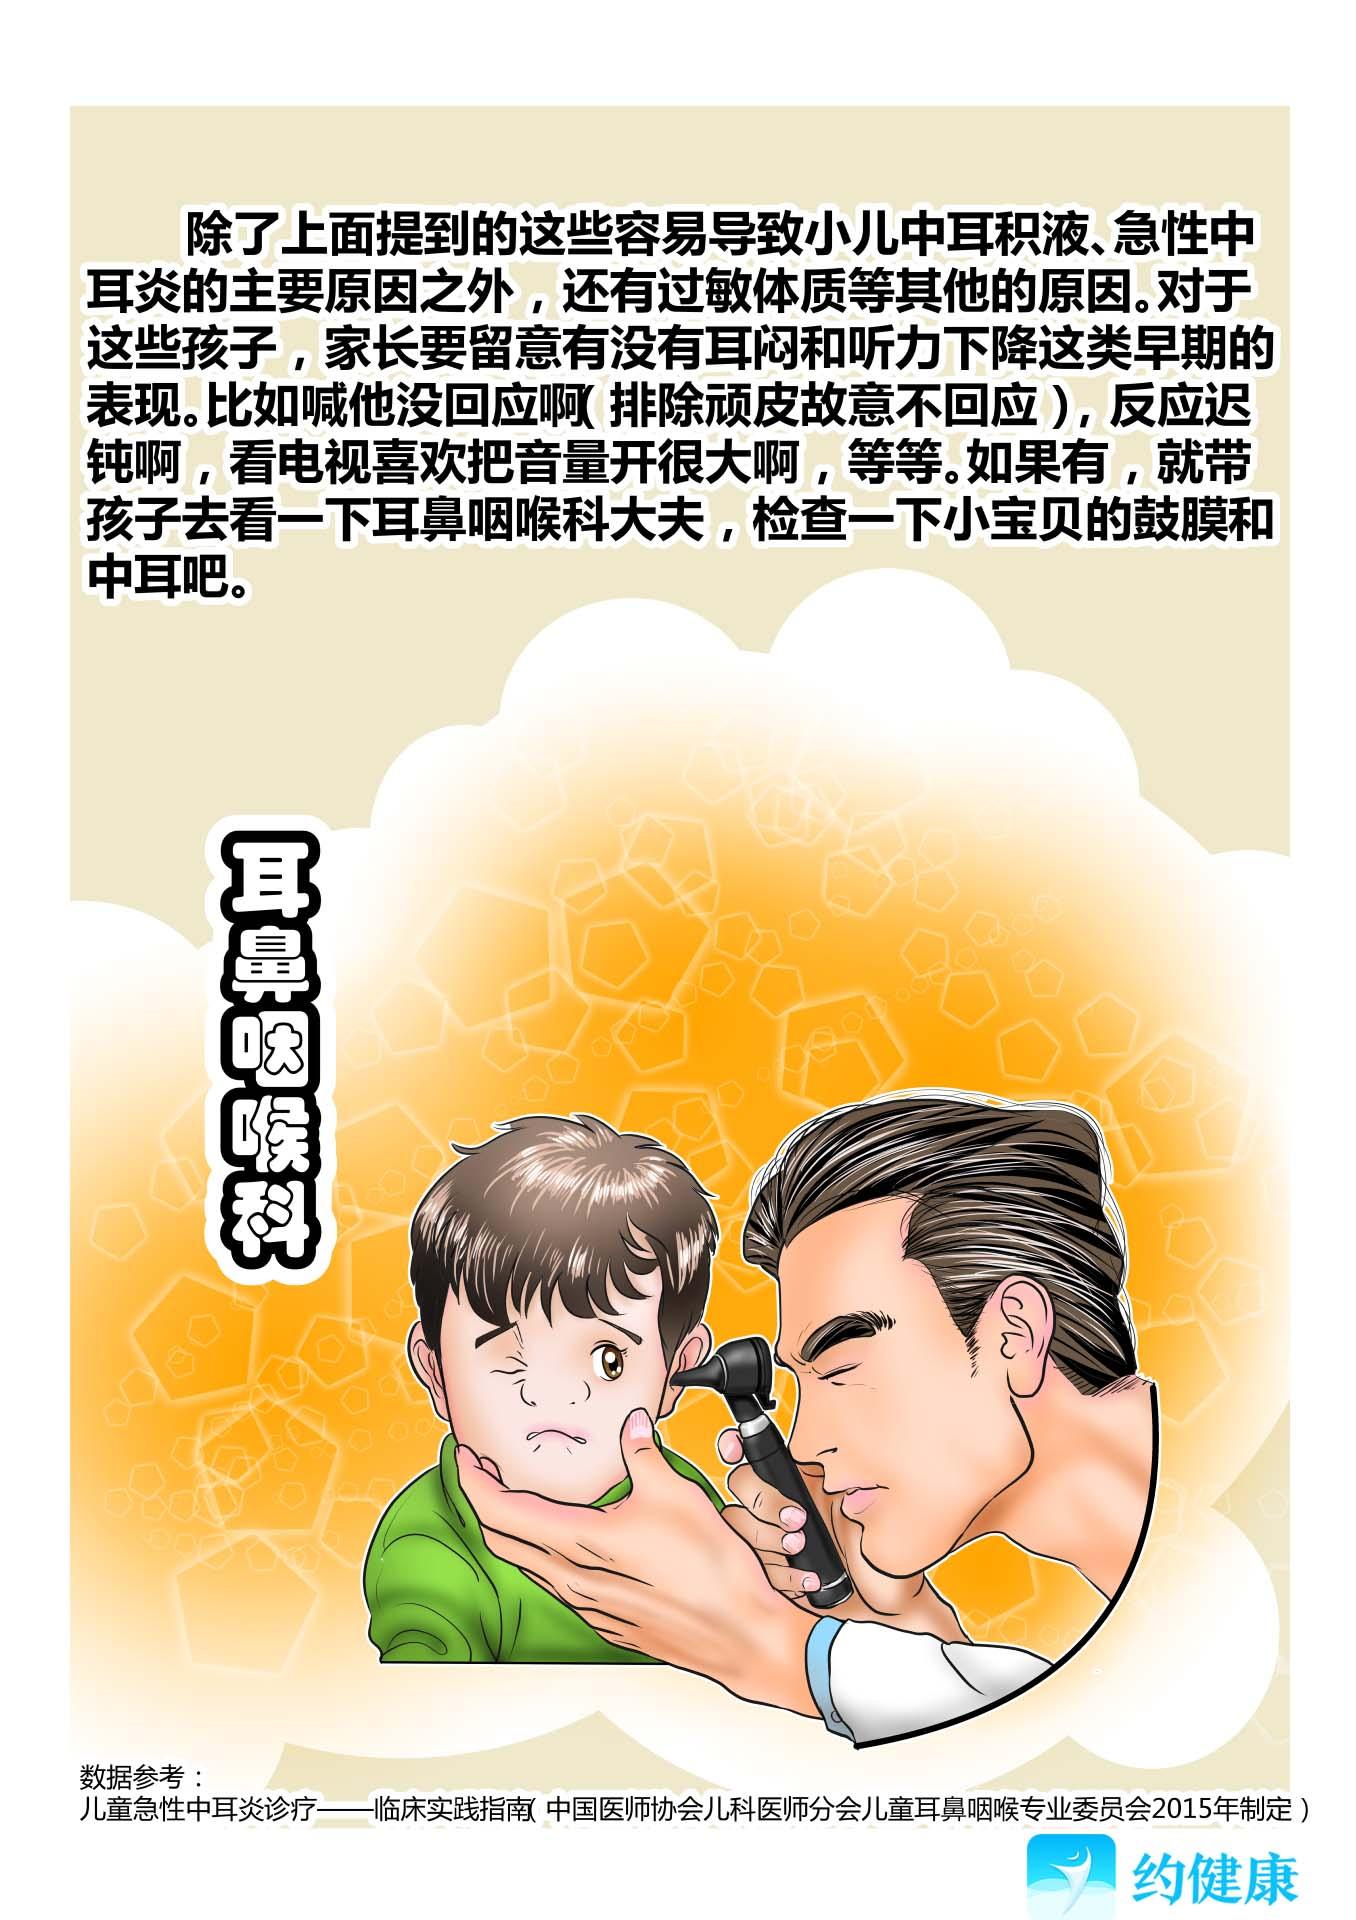 儿童急性中耳炎-人卫_017.jpg